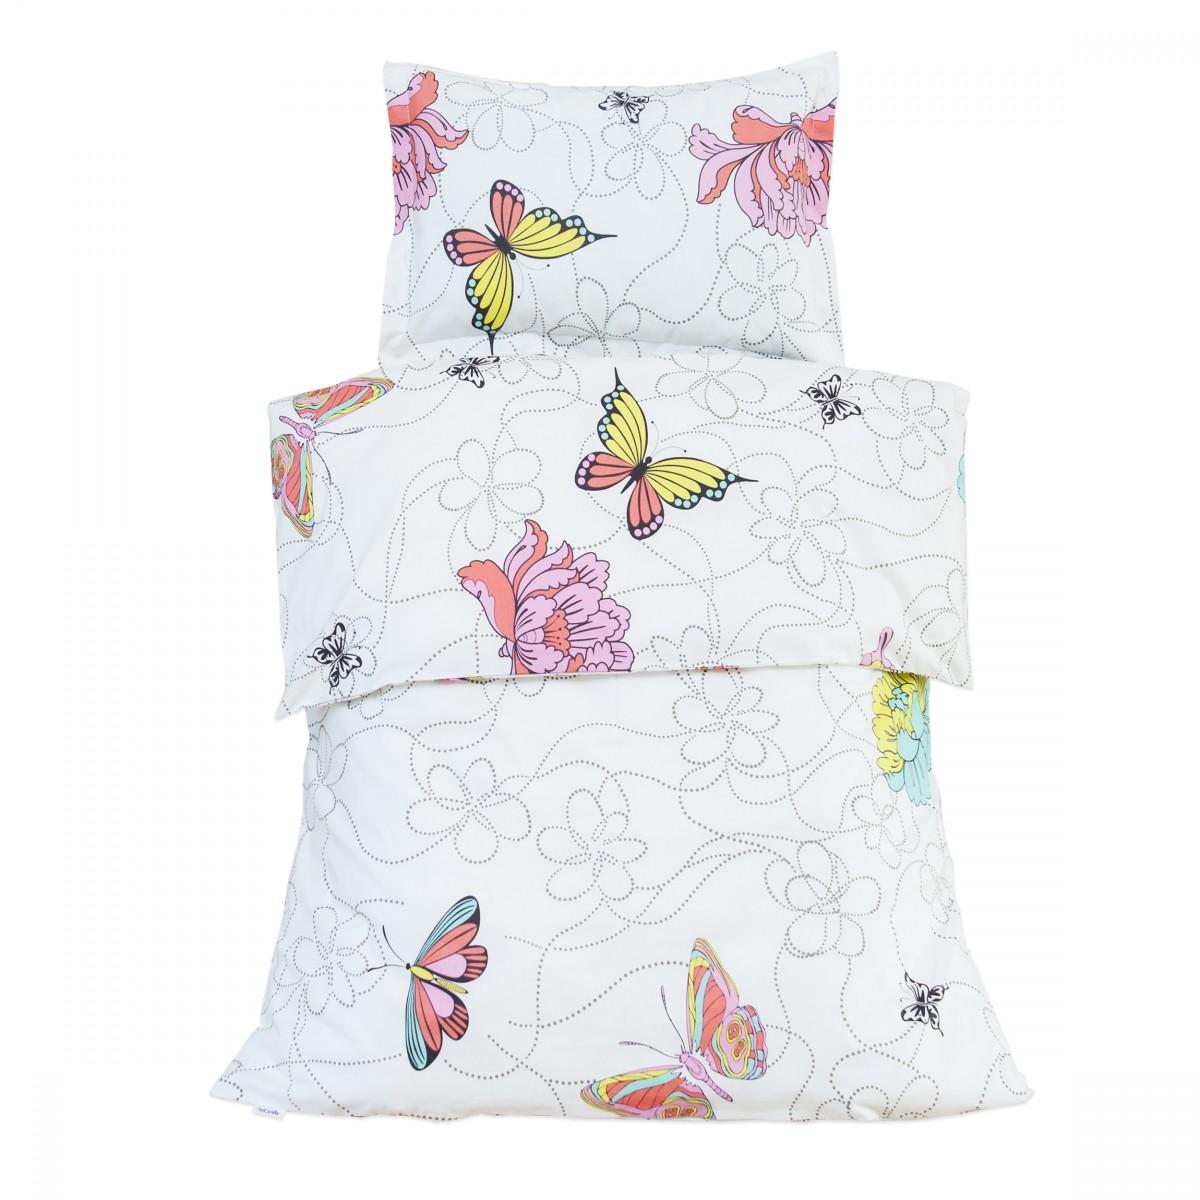 Les papillons 100 coton parure de lit pour b b housse for Housse de couette lit bebe